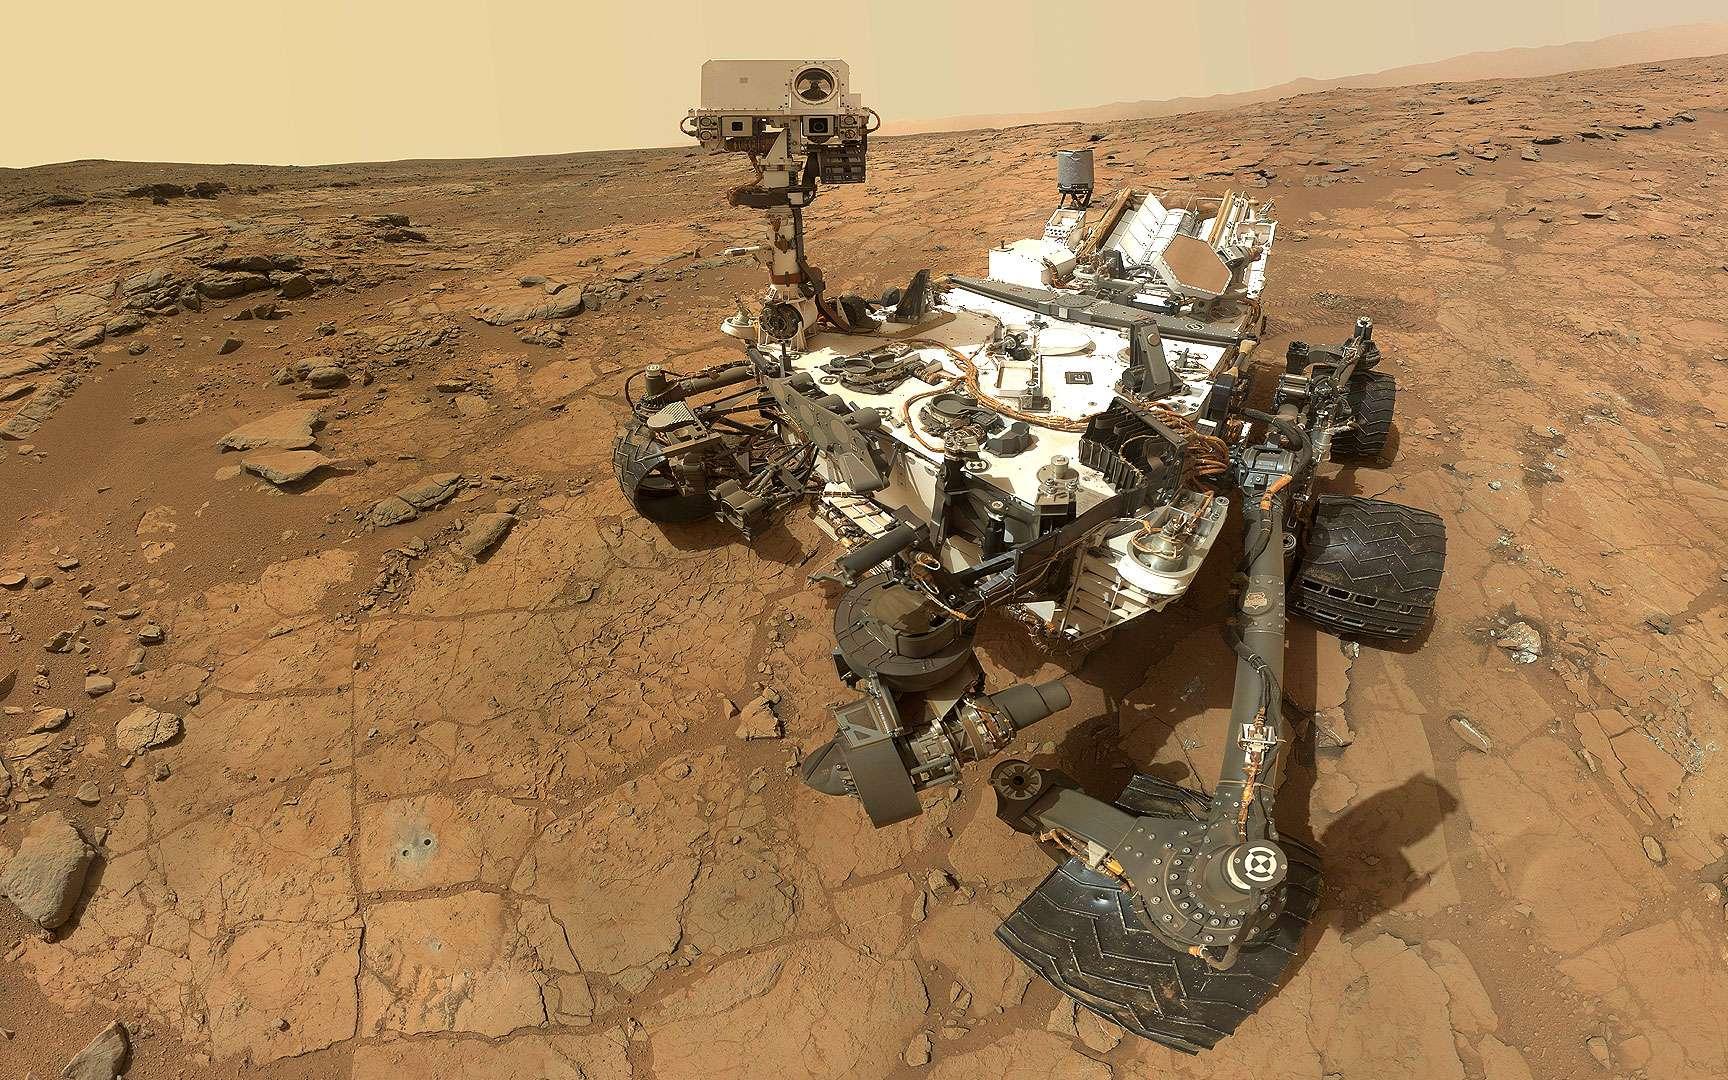 Curiosity : emplacement des caméras. Emplacement des caméras sur le rover. Sept caméras se trouvent sur le mât de Curiosity : 4 caméras en noir et blanc, 2 en couleurs (Mastcam) et RMI (Remote Micro Imager). À l'extrémité du bras robotisé se trouve Mahli (Mars Hand Lens Imager) qui doit réaliser des clichés du sol martien. D'autres caméras (Hazcams : Hazards-Avoidance Cameras) sont destinées à l'évitement des dangers. À l'arrière du rover : Mardi (Mars Descent Imager). © Nasa, JPL-Caltech